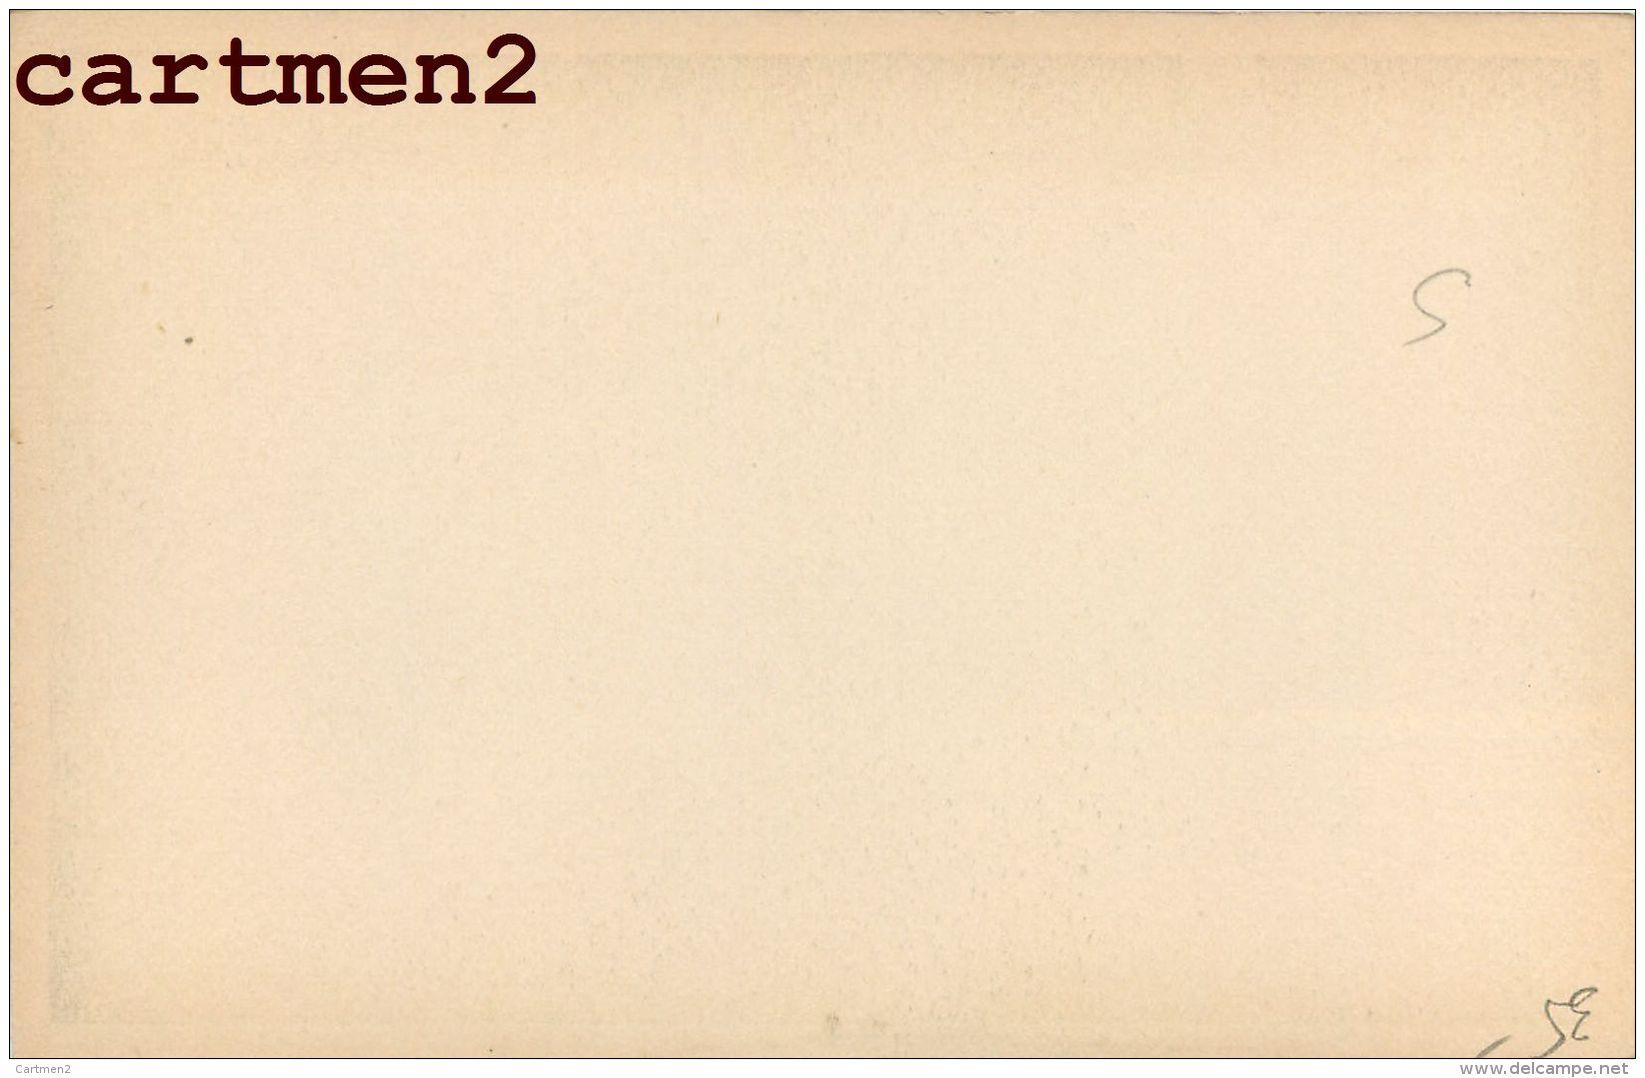 FEMME NU EROTISME EROTICISM NAKED WOMAN EROTICA - Belleza Feminina < 1920